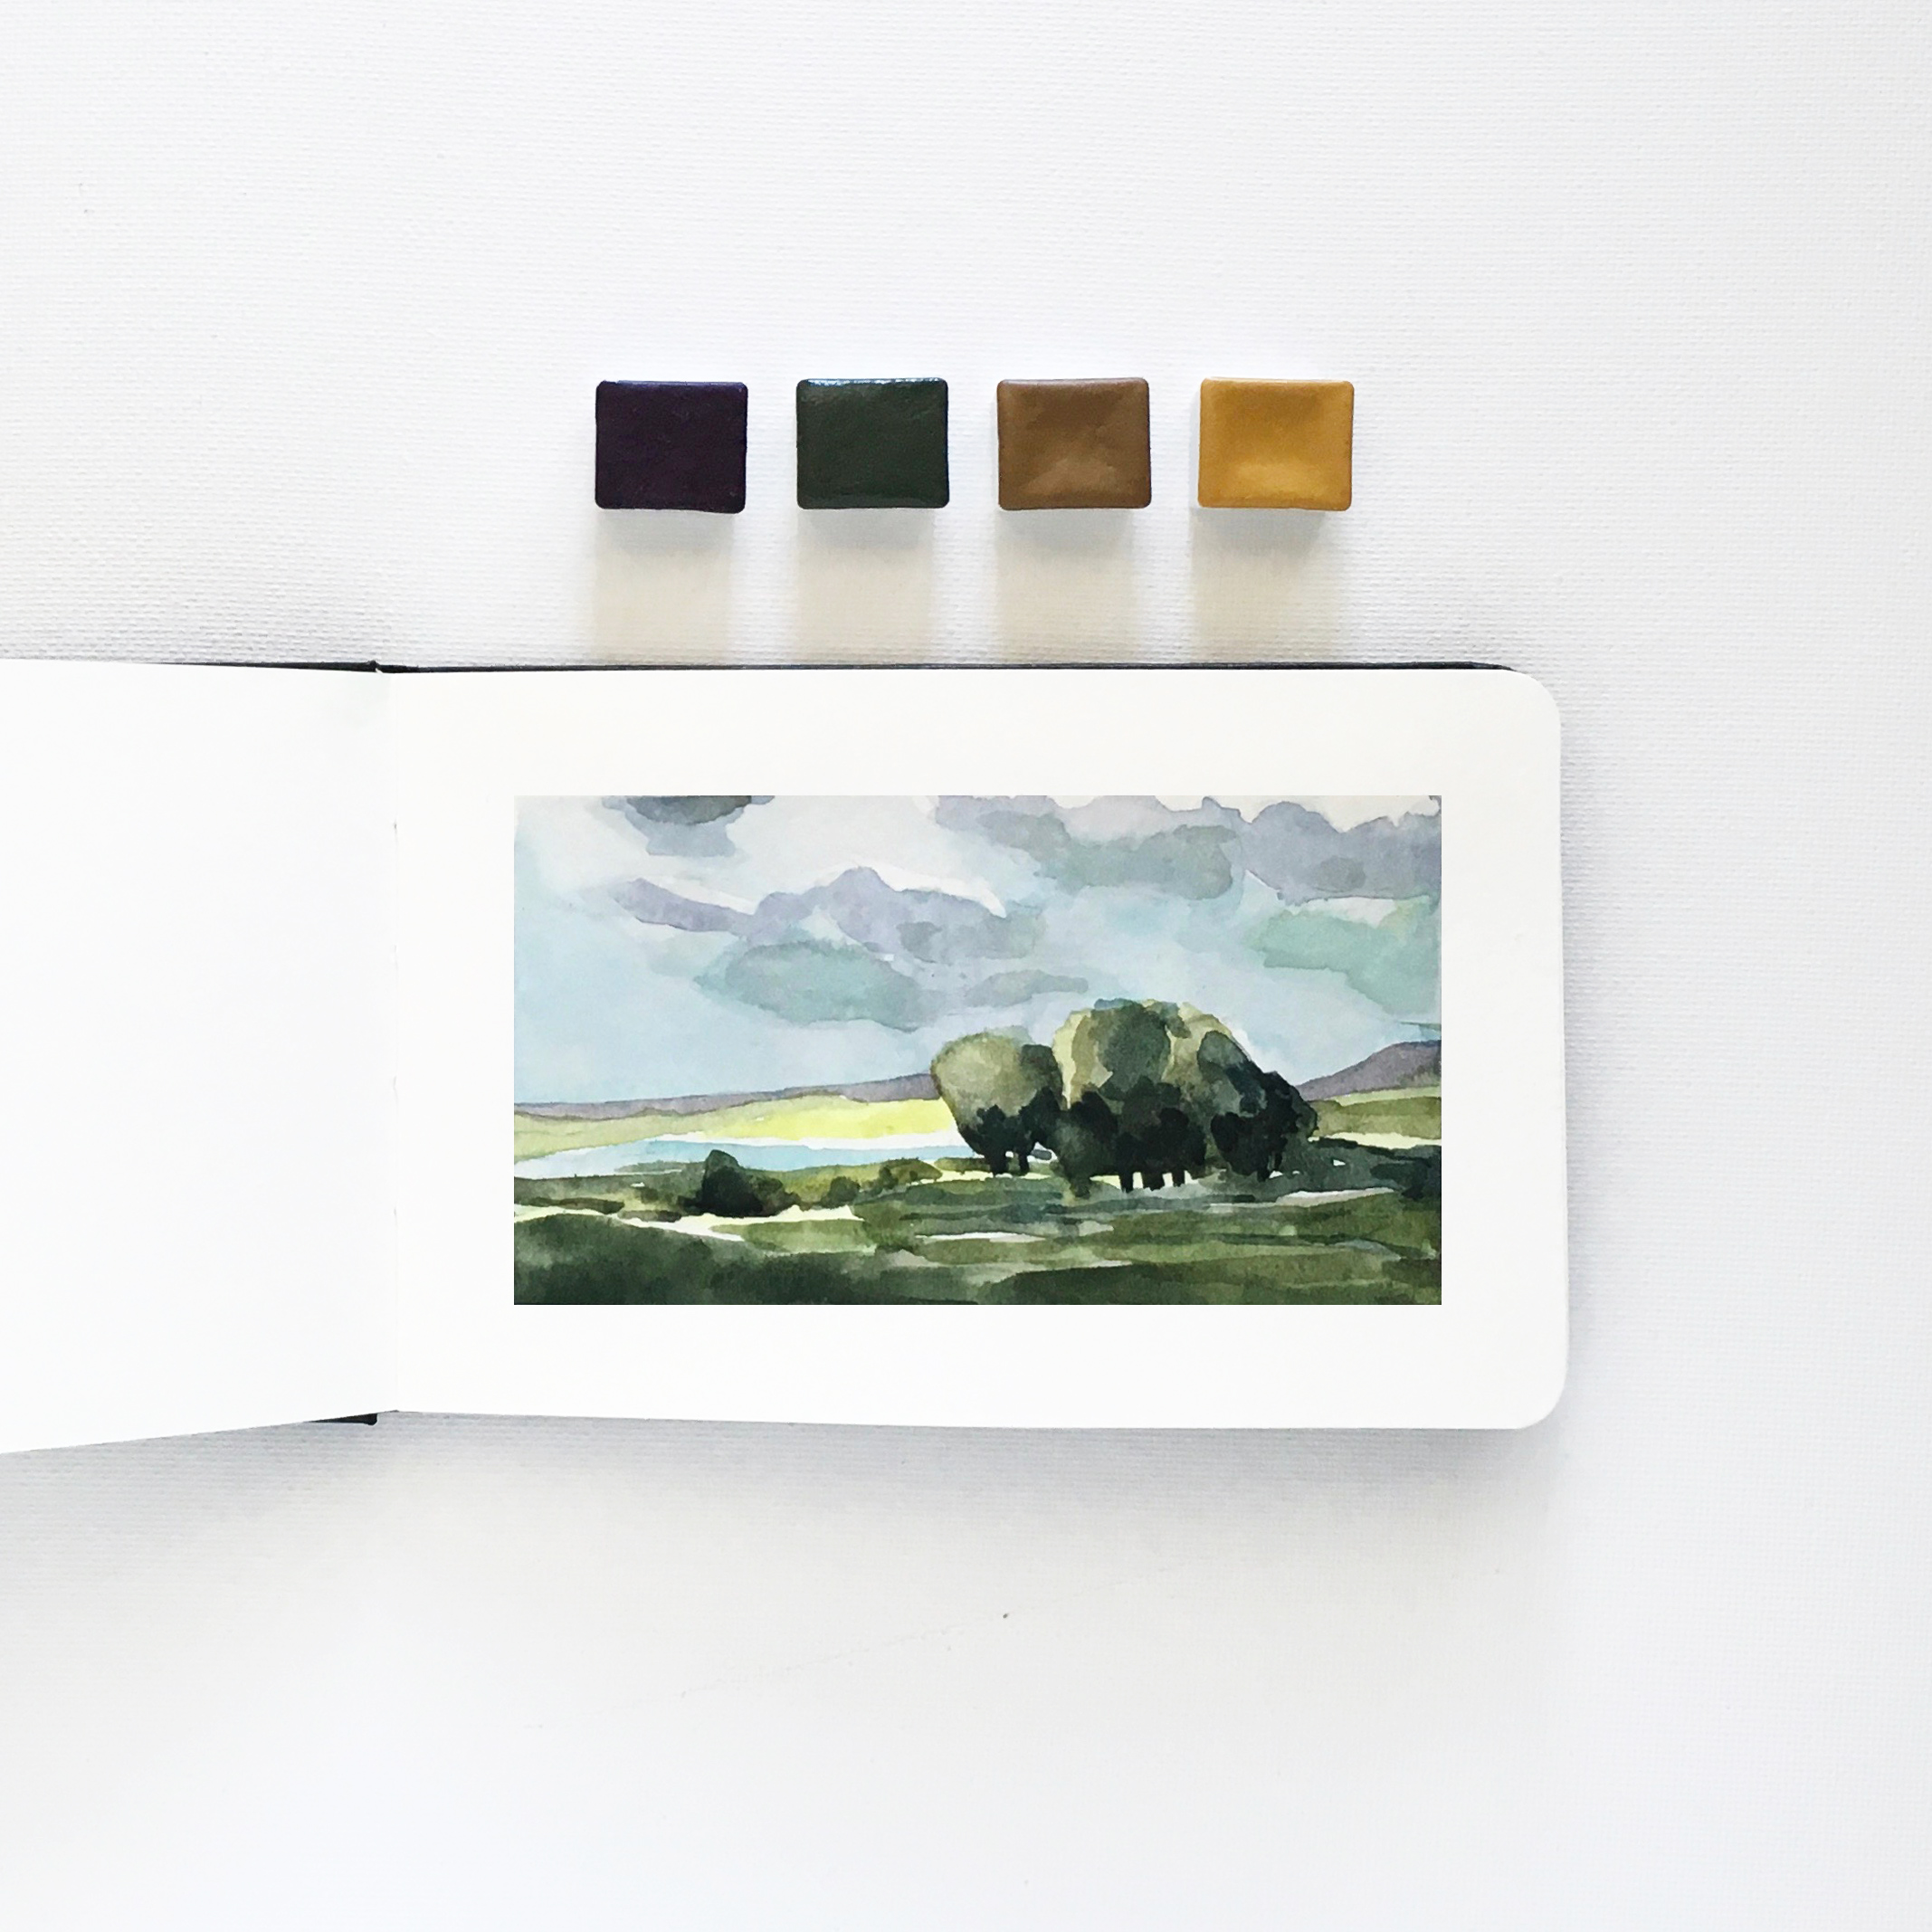 Watercolor Landscape in a Small Moleskine (3.5×5)